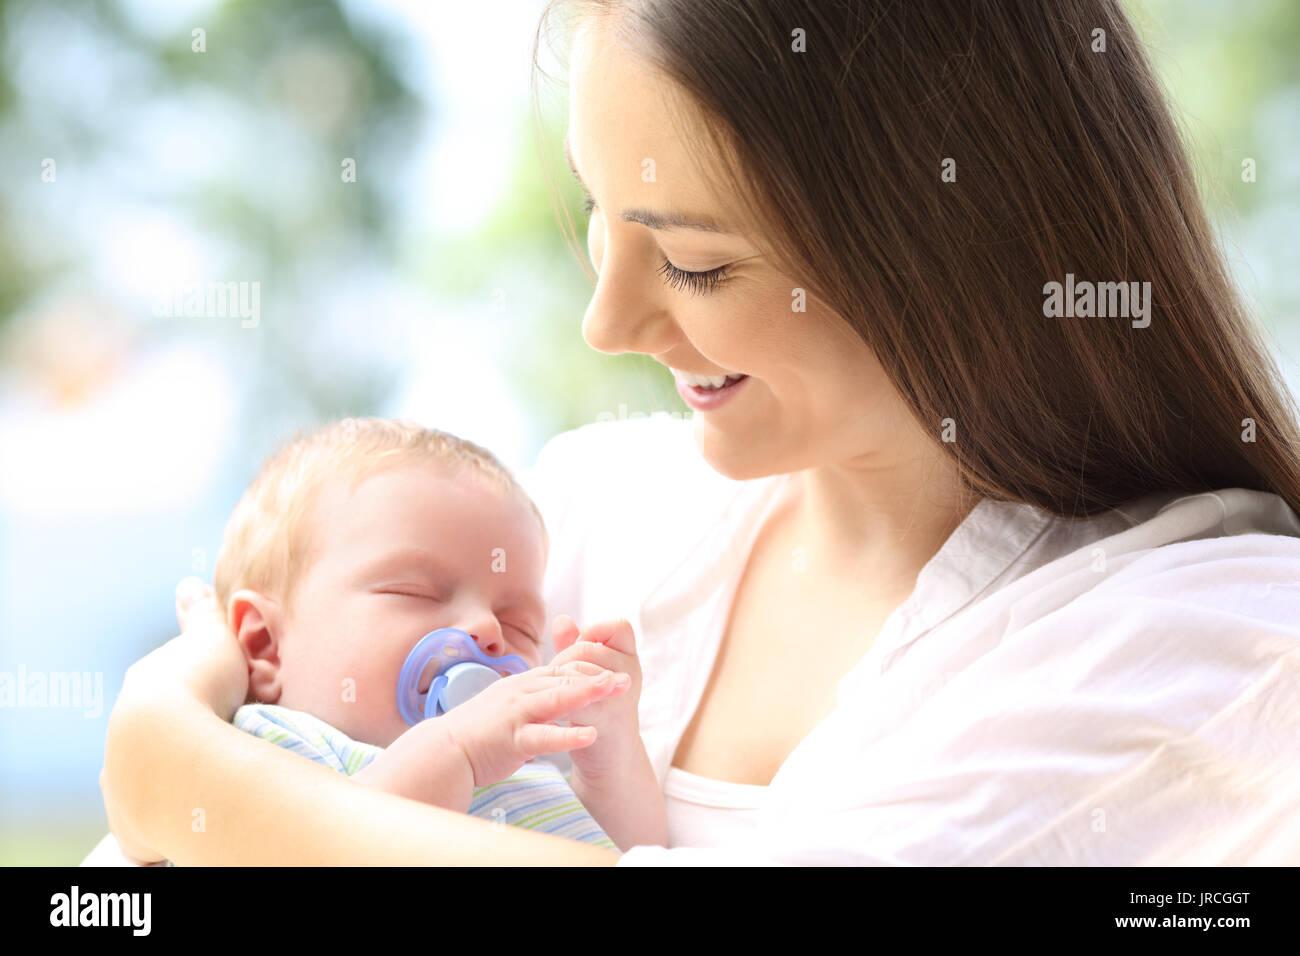 Fière mère regardant son bébé dormir en plein air Banque D'Images